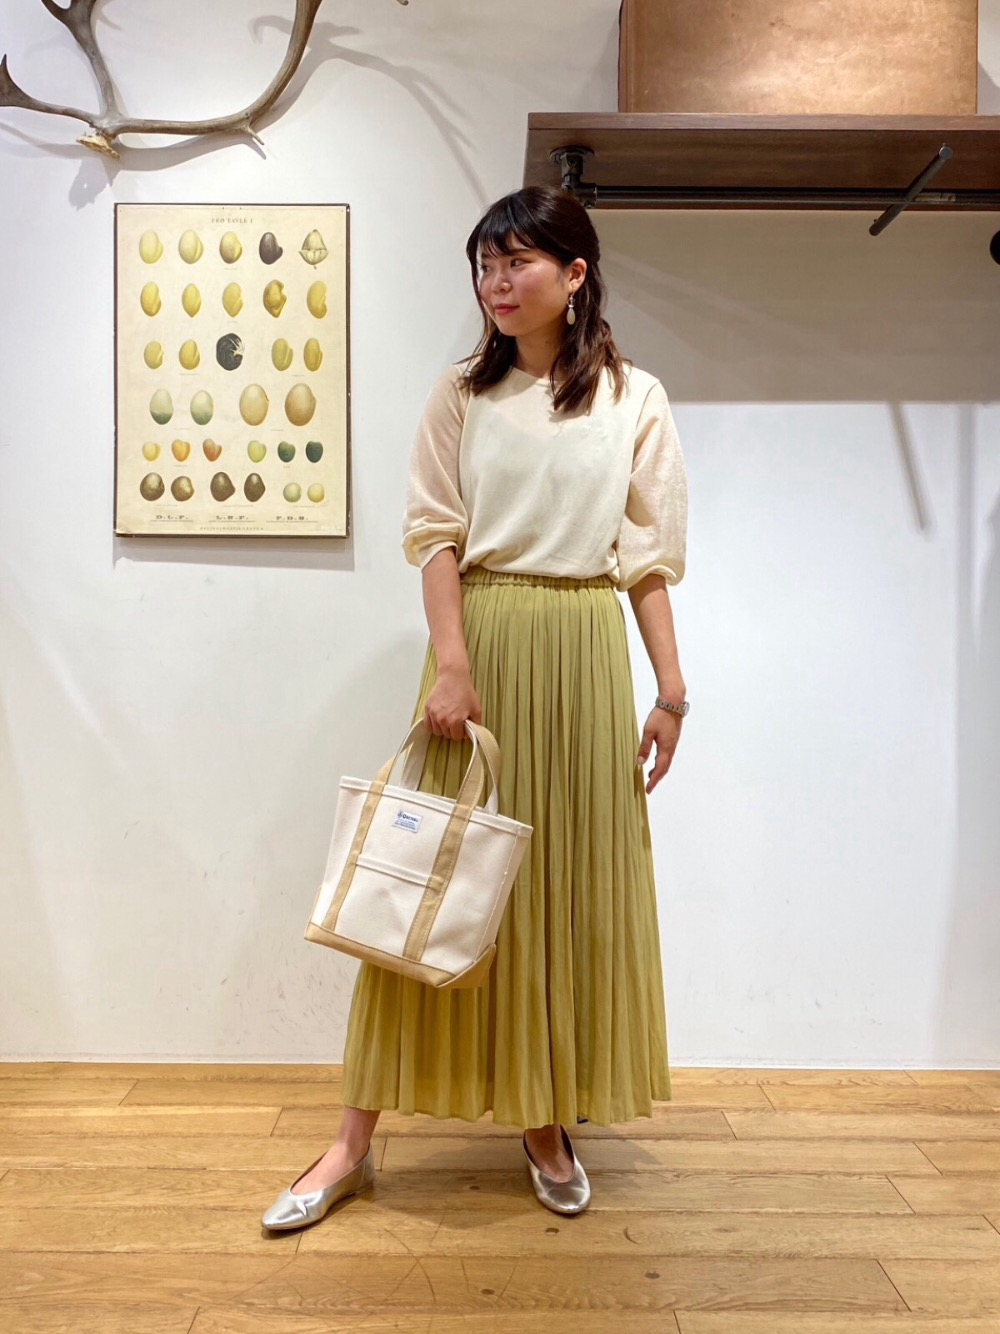 le.coeur blancルミネ有楽町店